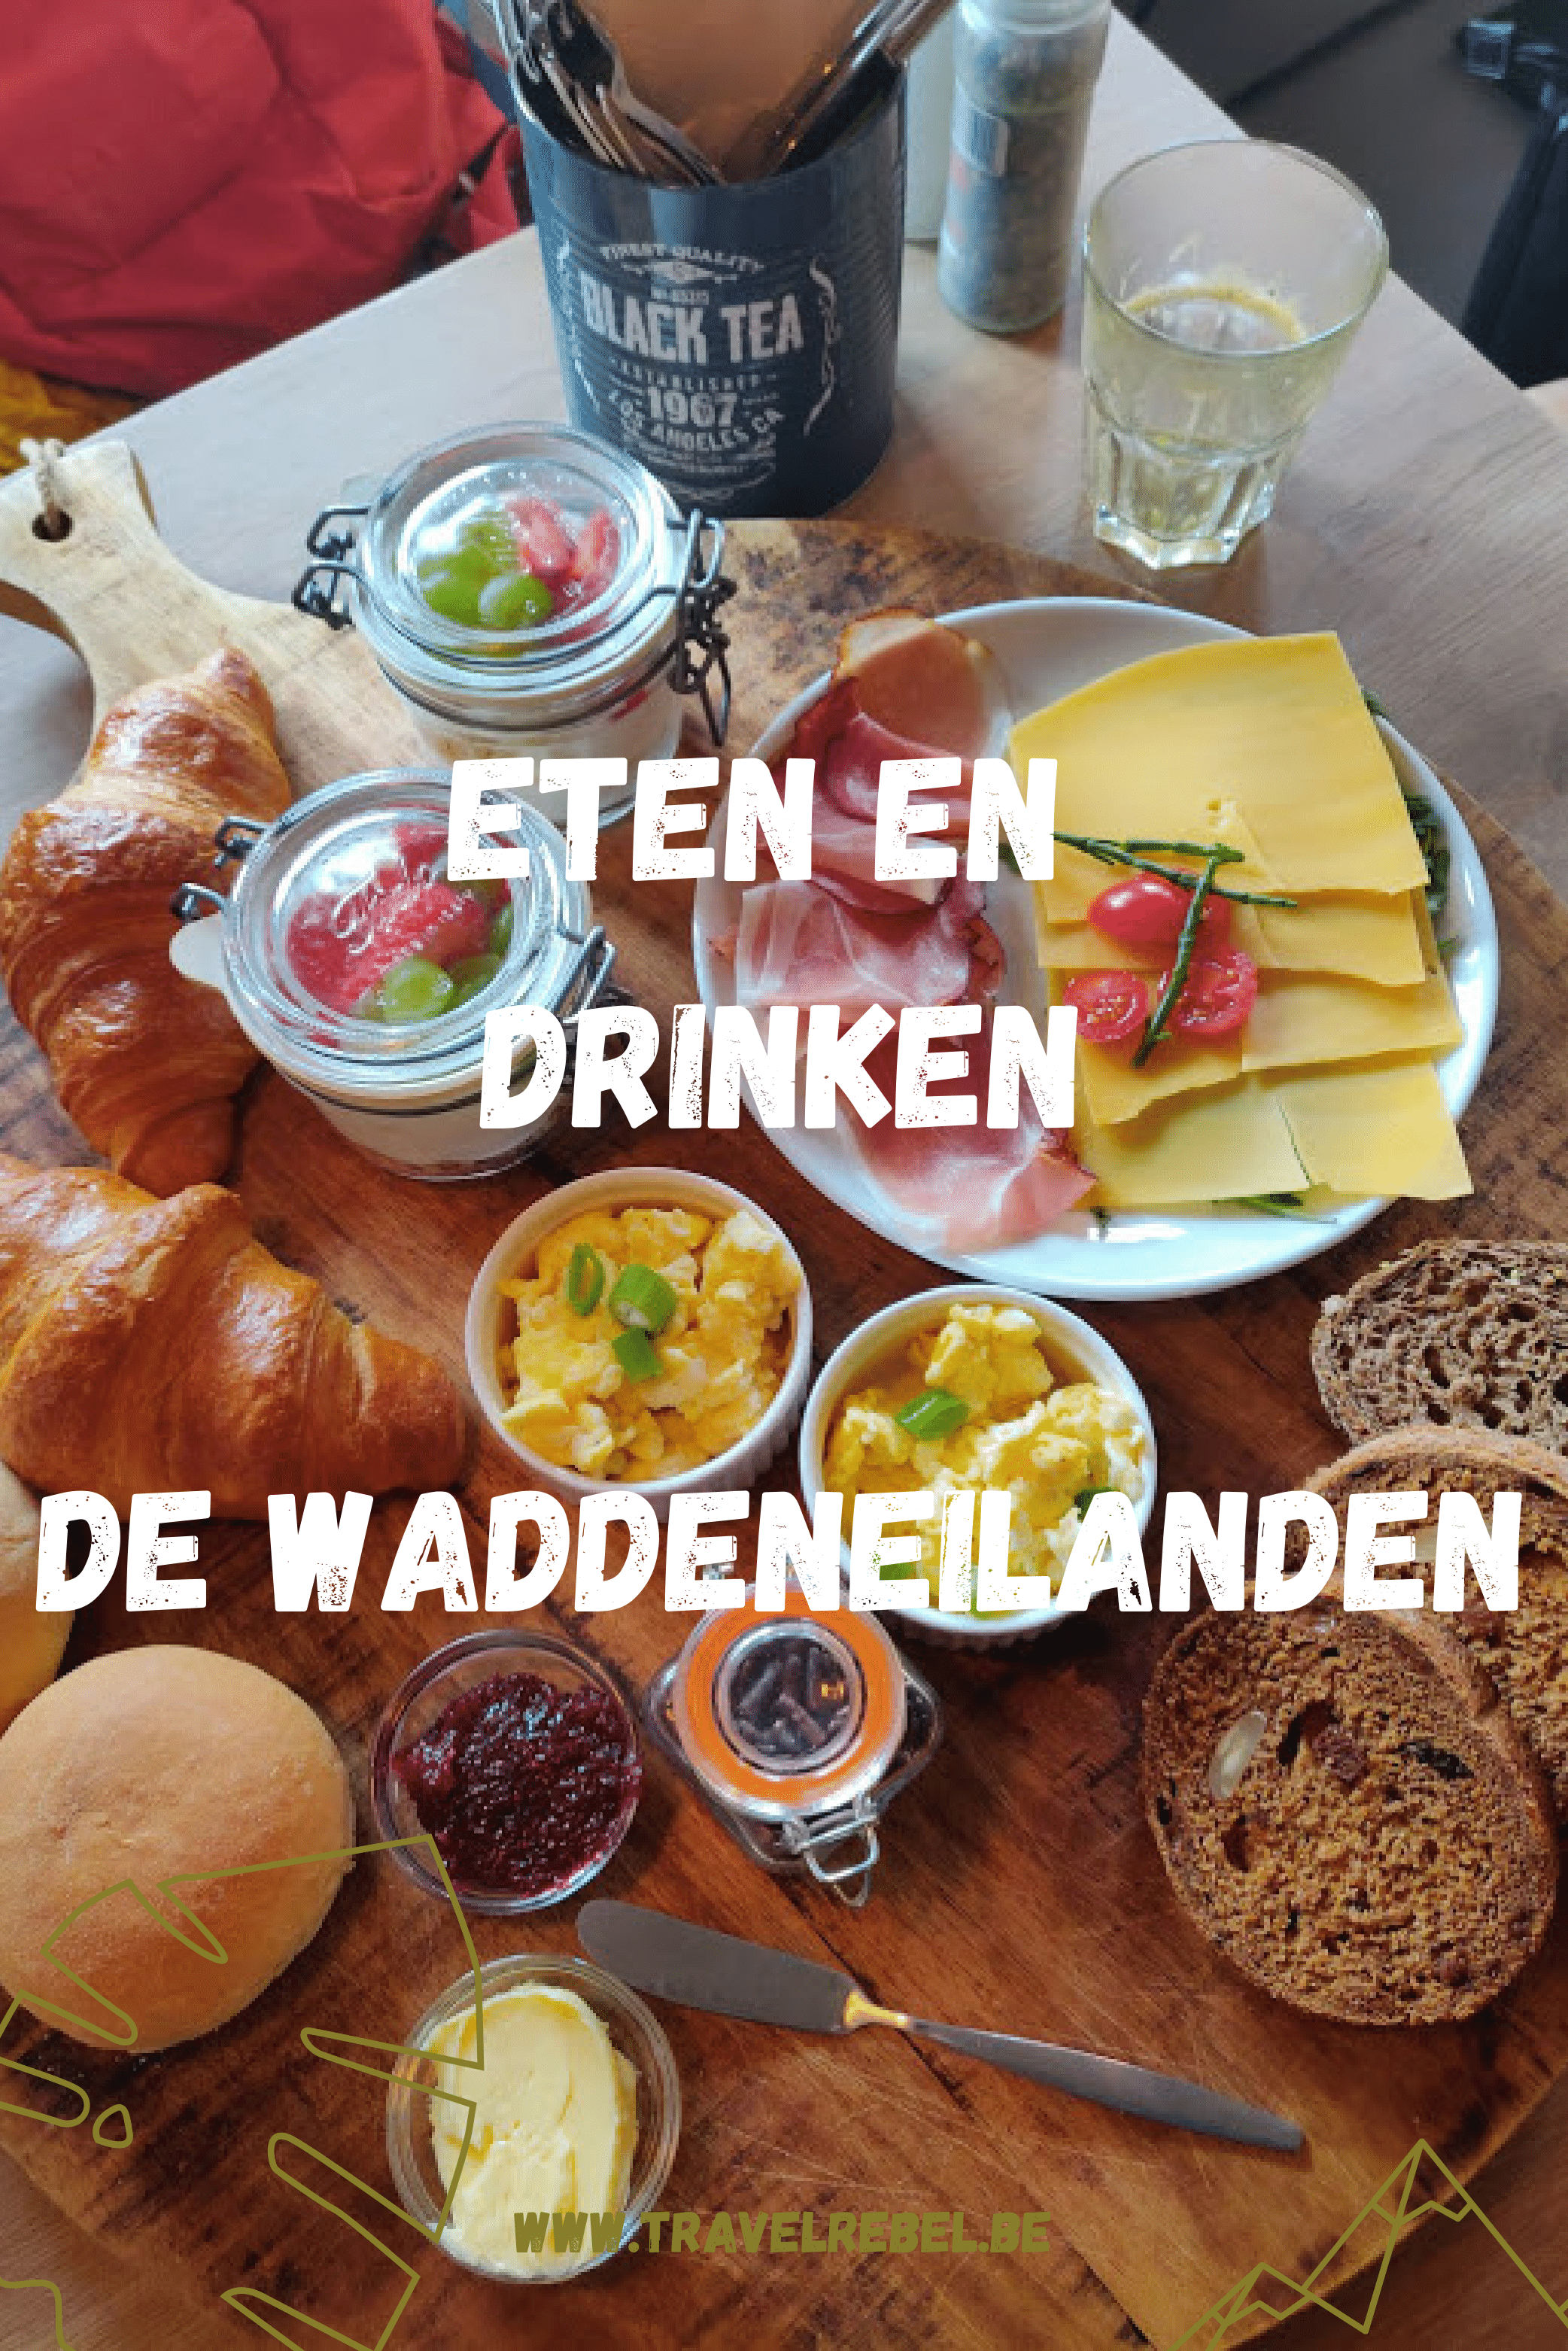 eten en drinken - De Waddeneilanden - Nederland